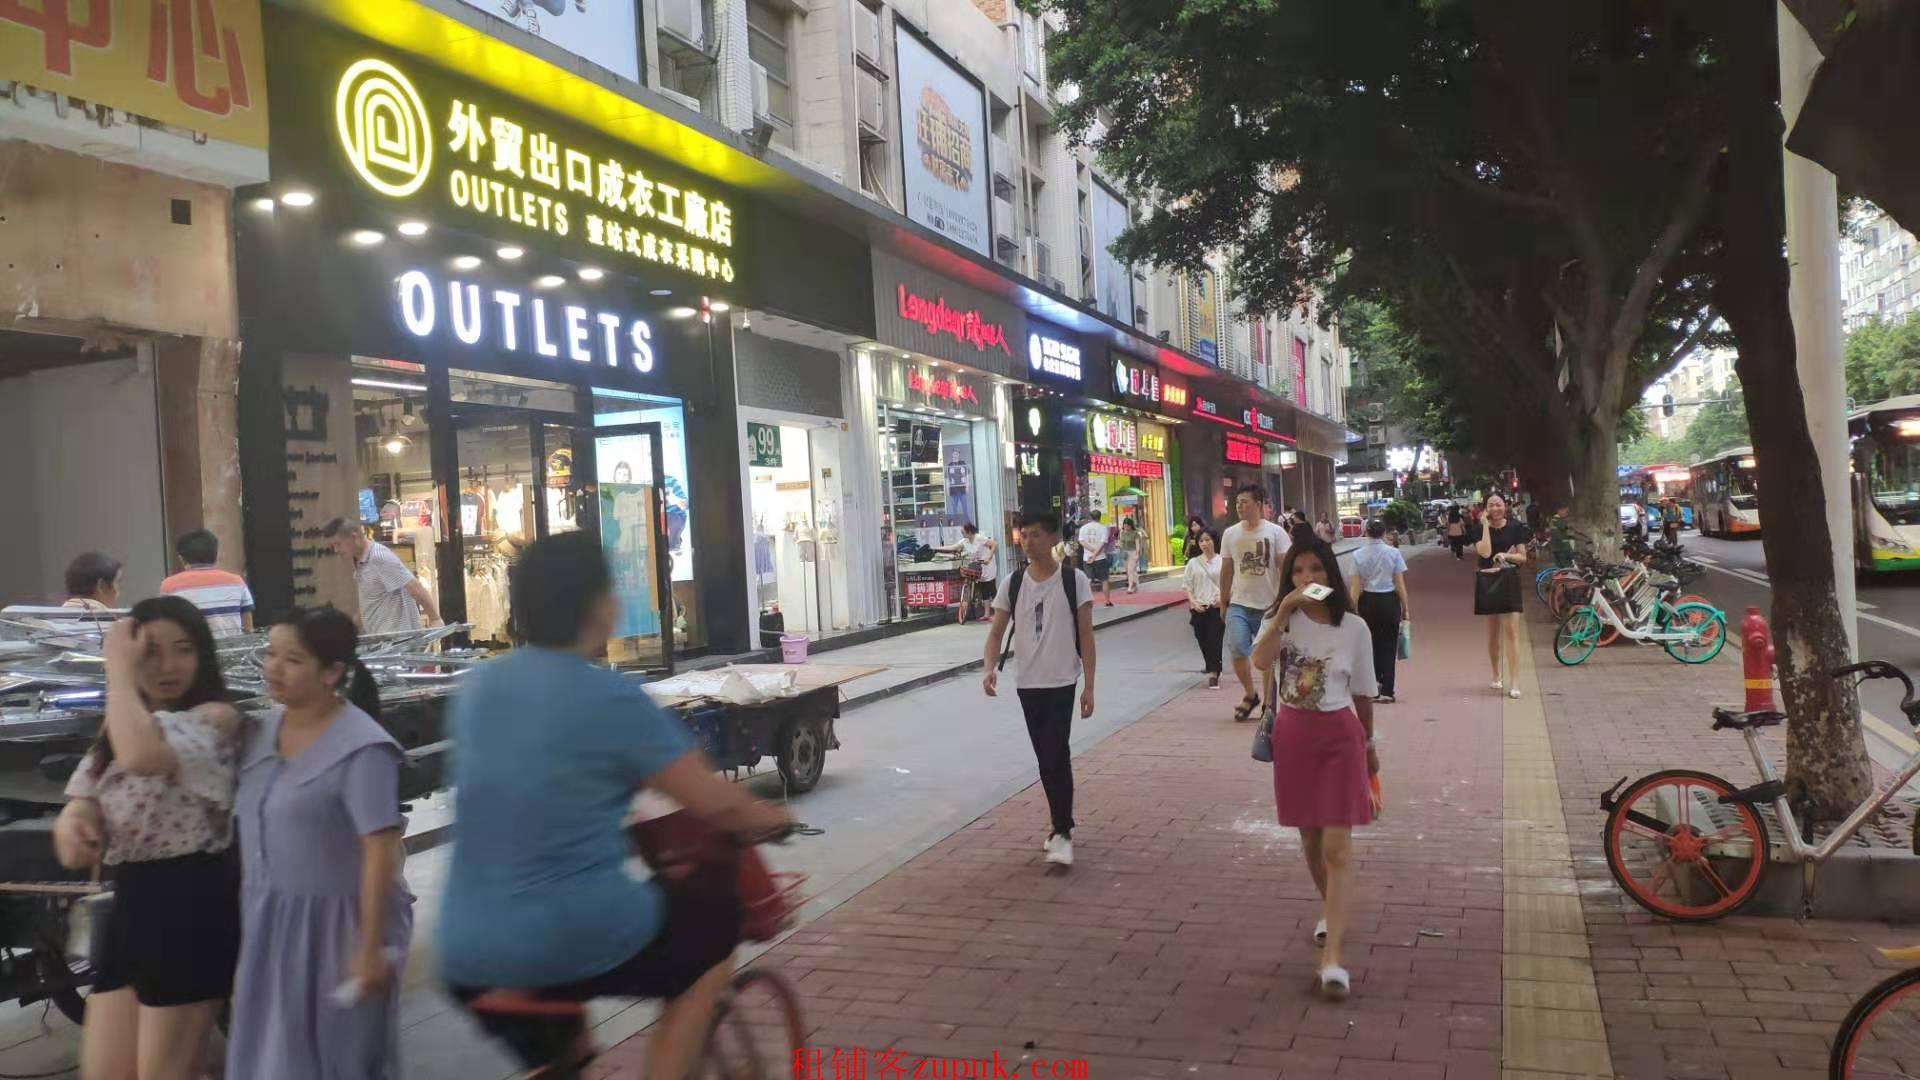 黄边地铁口门面招租,餐饮街人流大,租金8千-1万6,先到先得